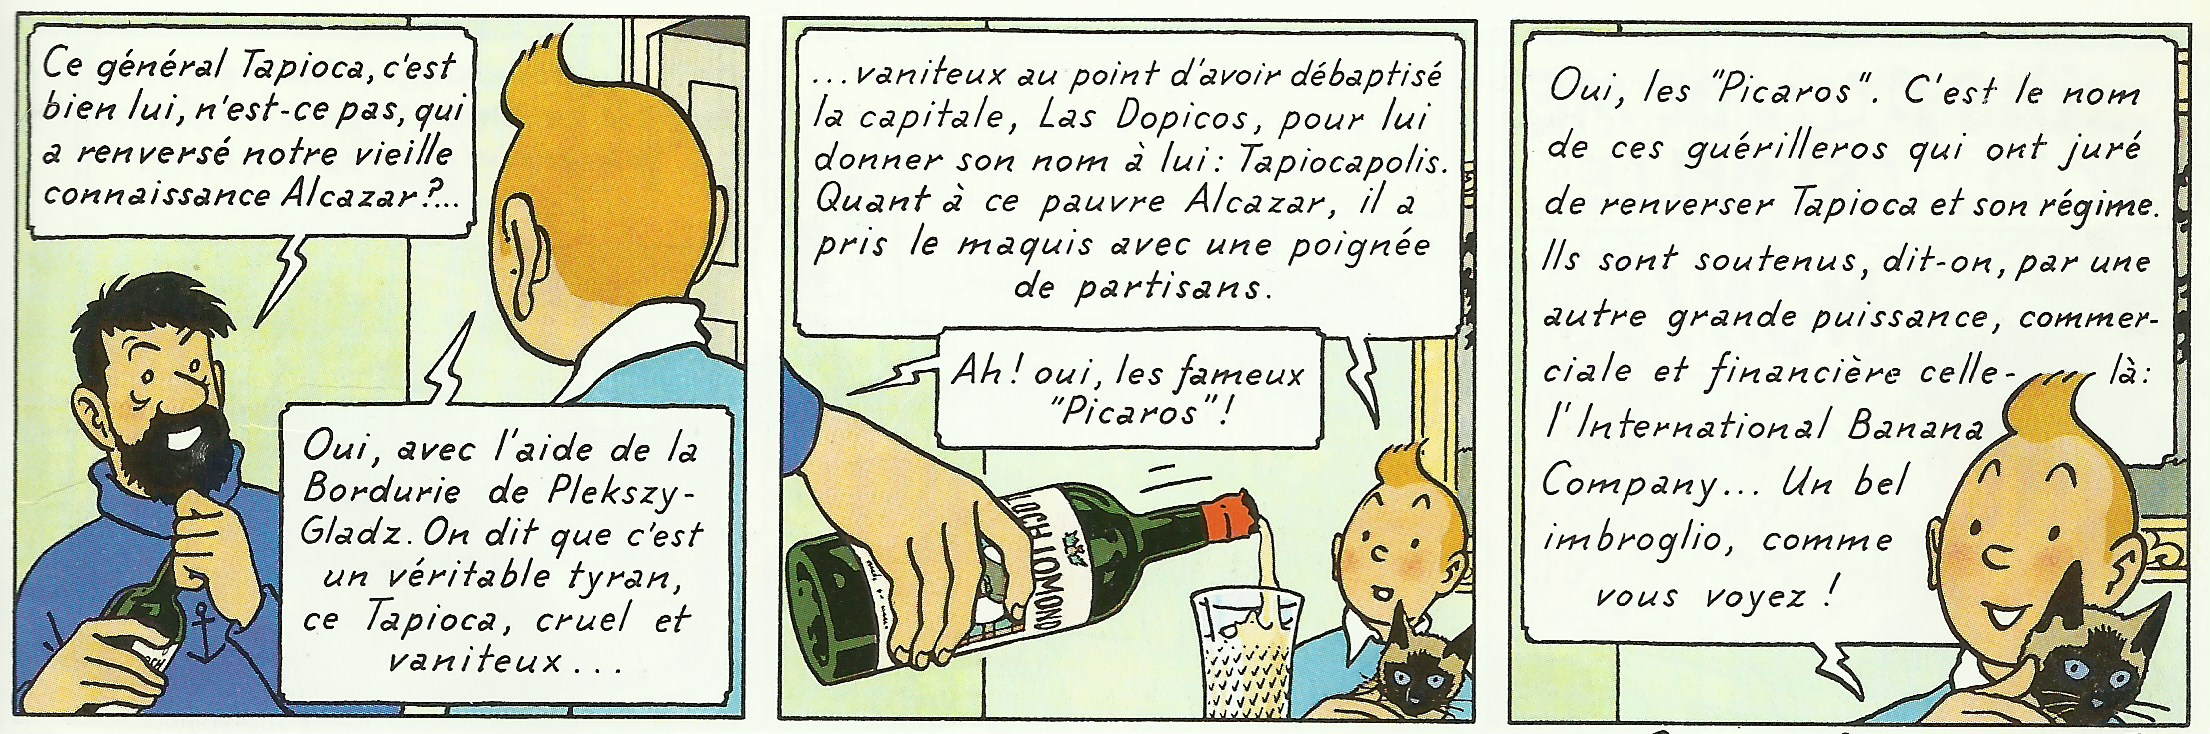 Extrait de la page 1 de « Tintin et les Picaros ».